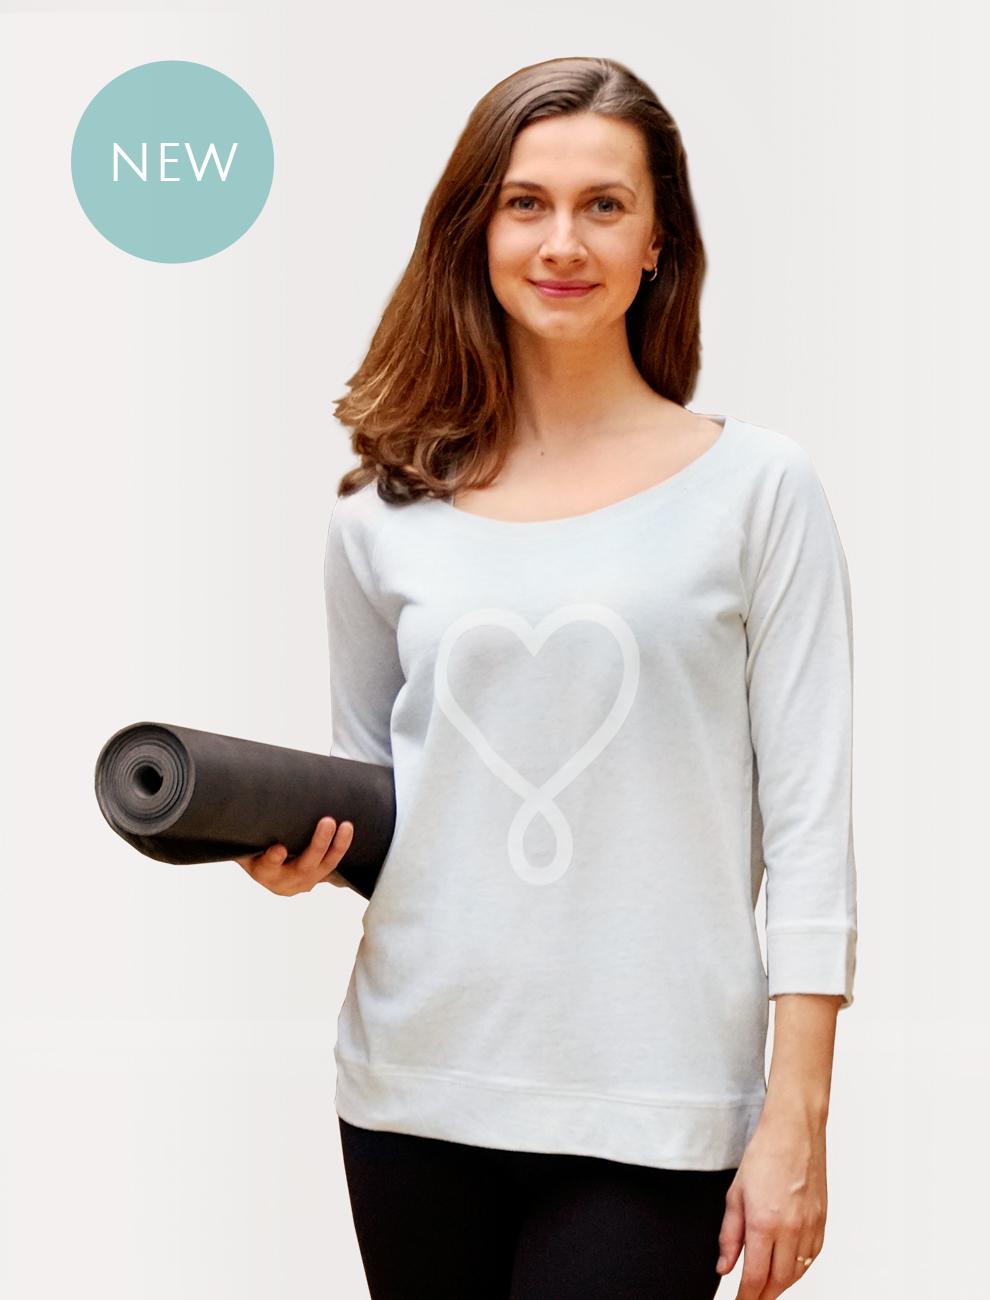 Erdenkind LOVE Sweater - Nachhaltig prozierte Yoga Bekleidung